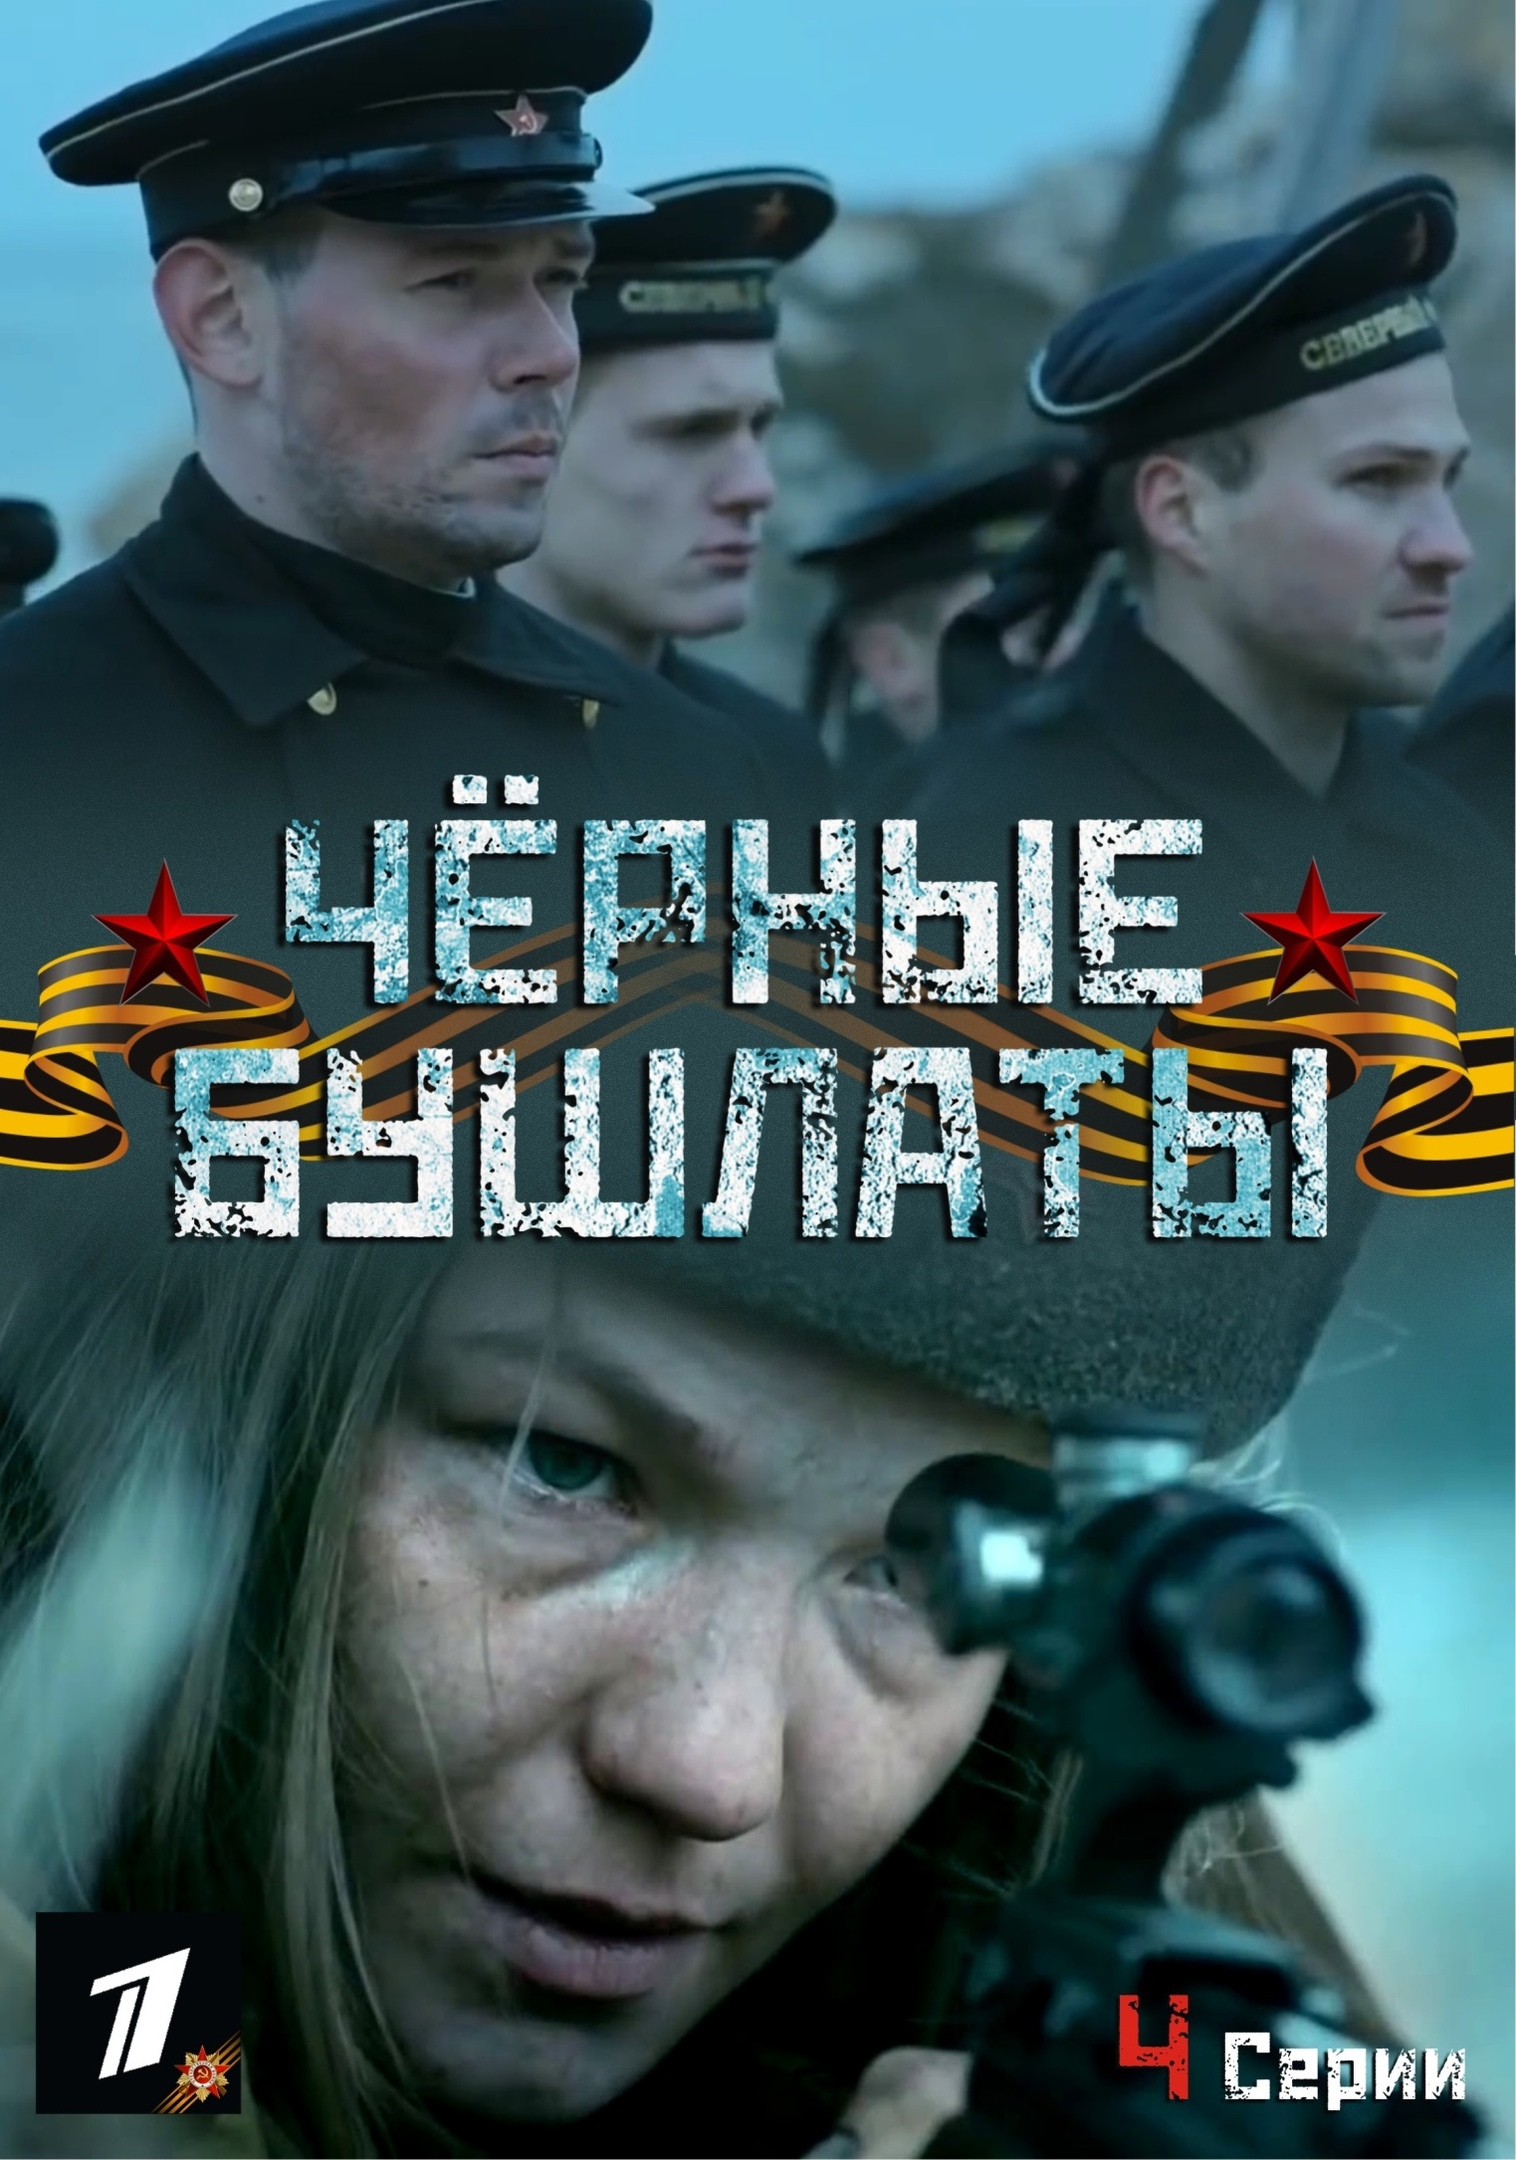 Военная драма «Чеpныe бyшлaты» (2018) 1-4 серия из 4 HD